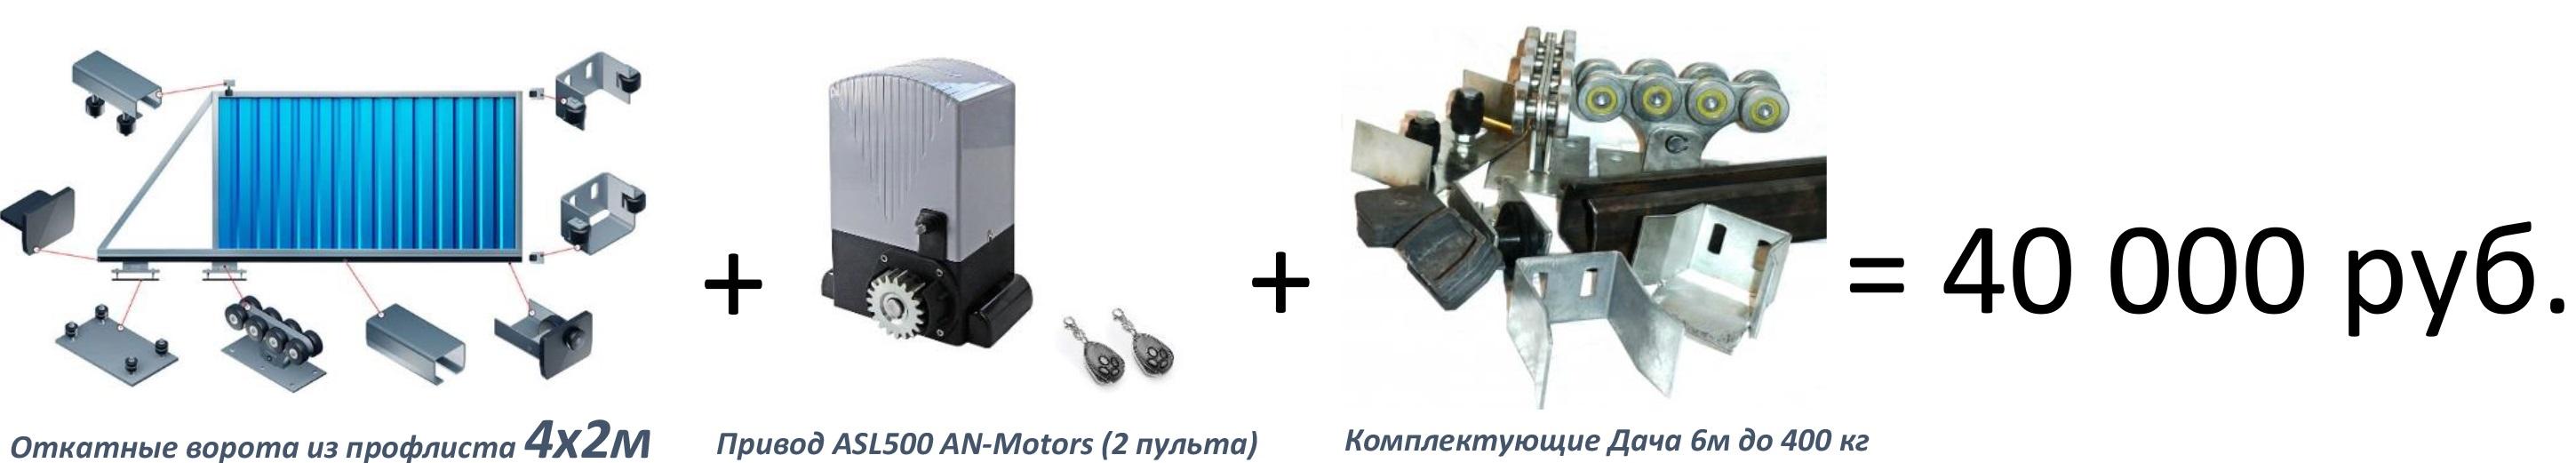 Автоматические ворота на винтовых сваях под ключ